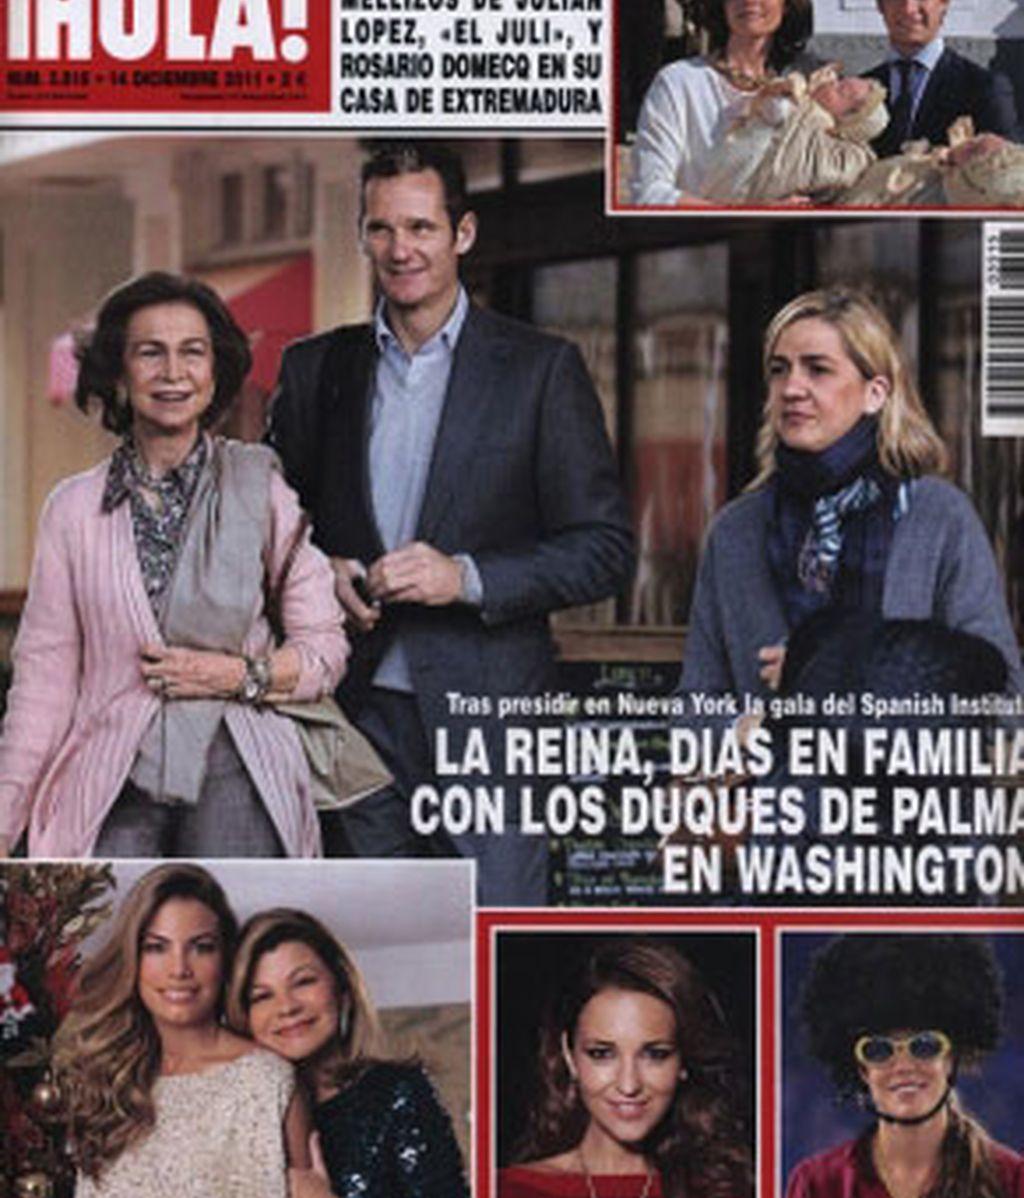 La reina en Washington